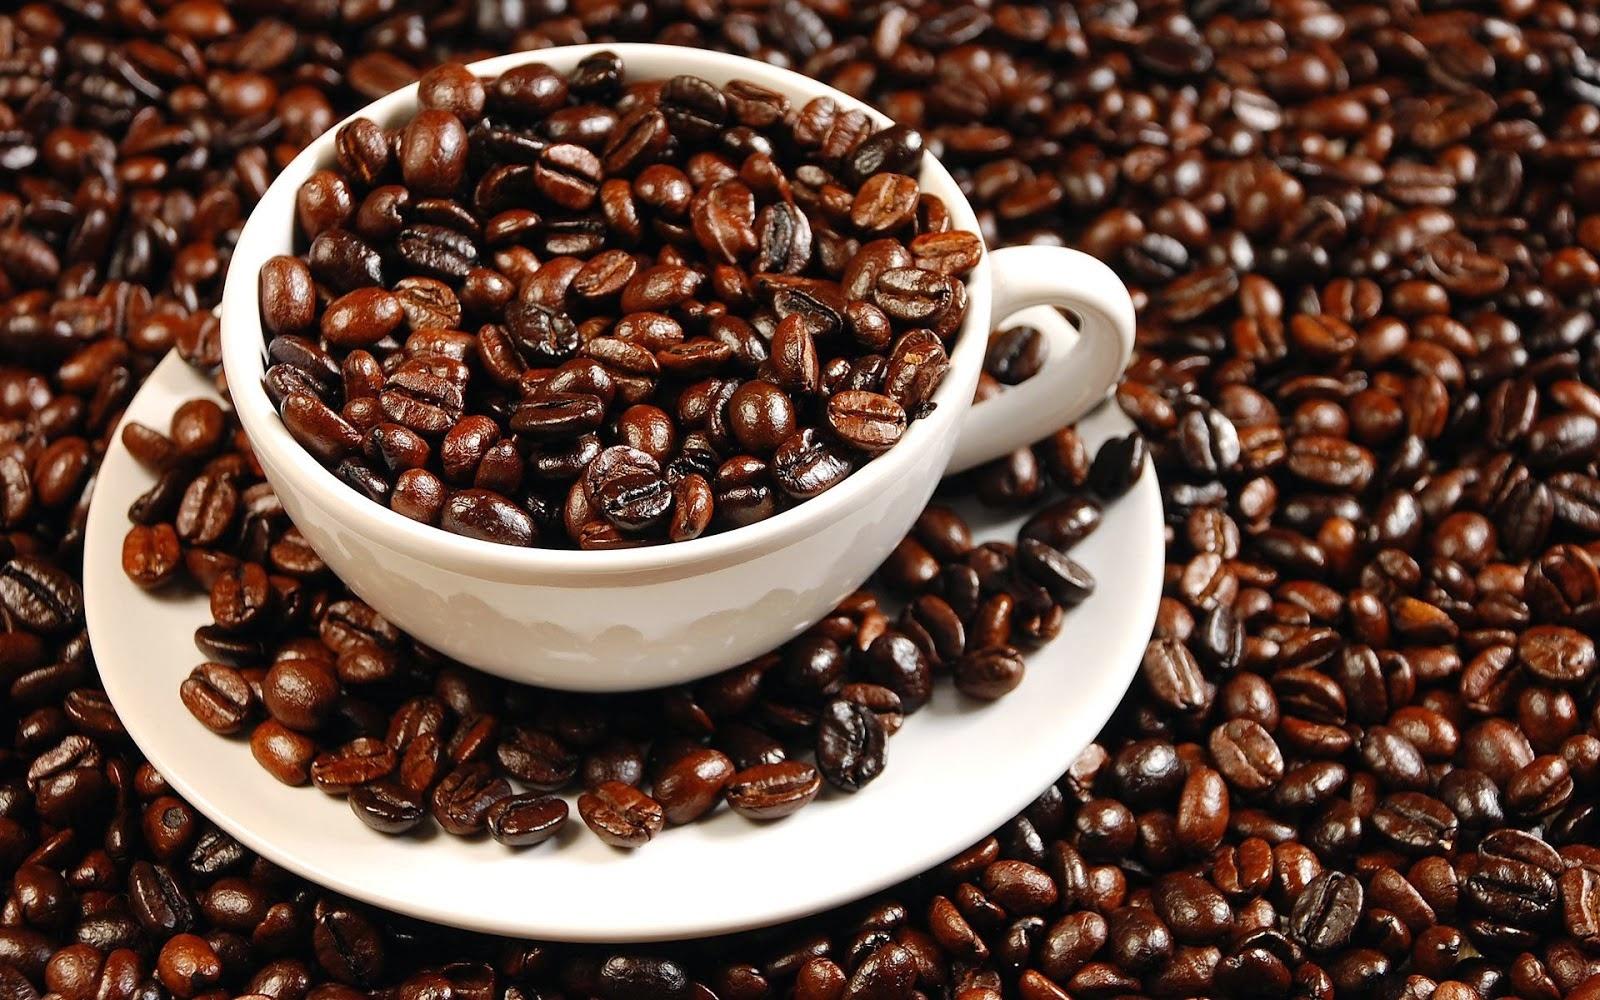 kelebihan kopi untuk kecantikan